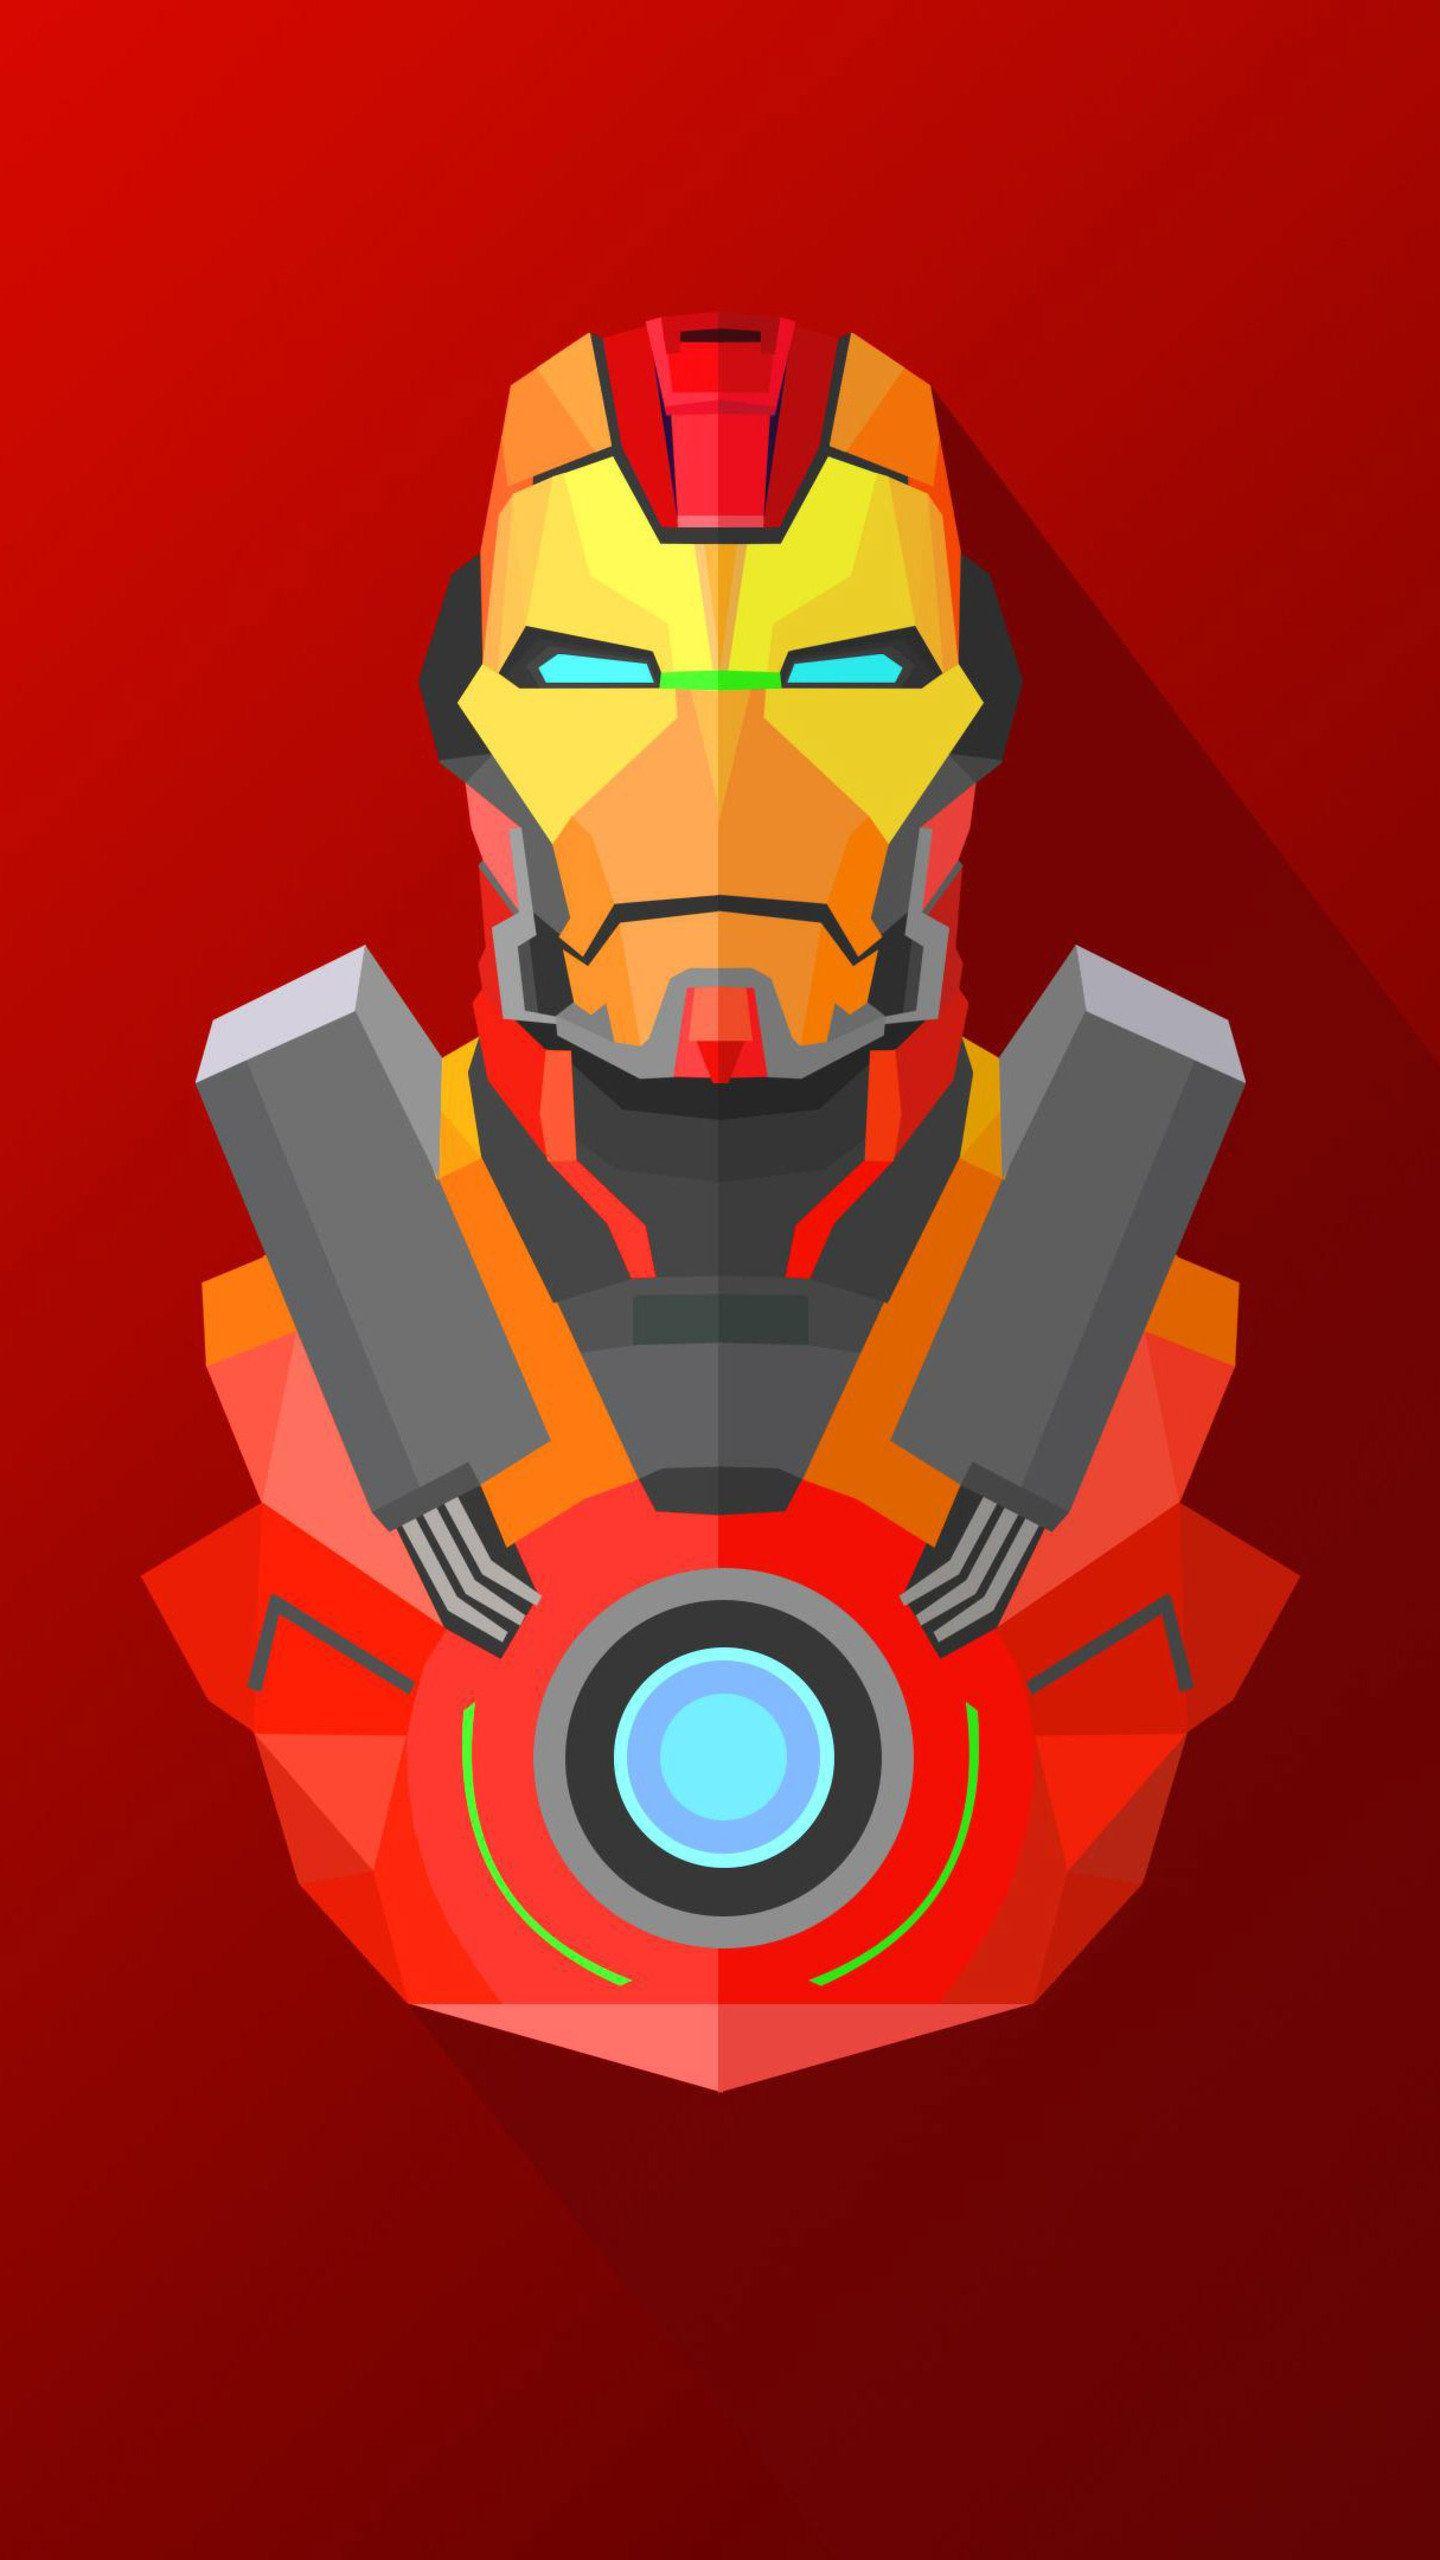 Iron Man Heartbreaker Artwork 4k Hd Superheroes